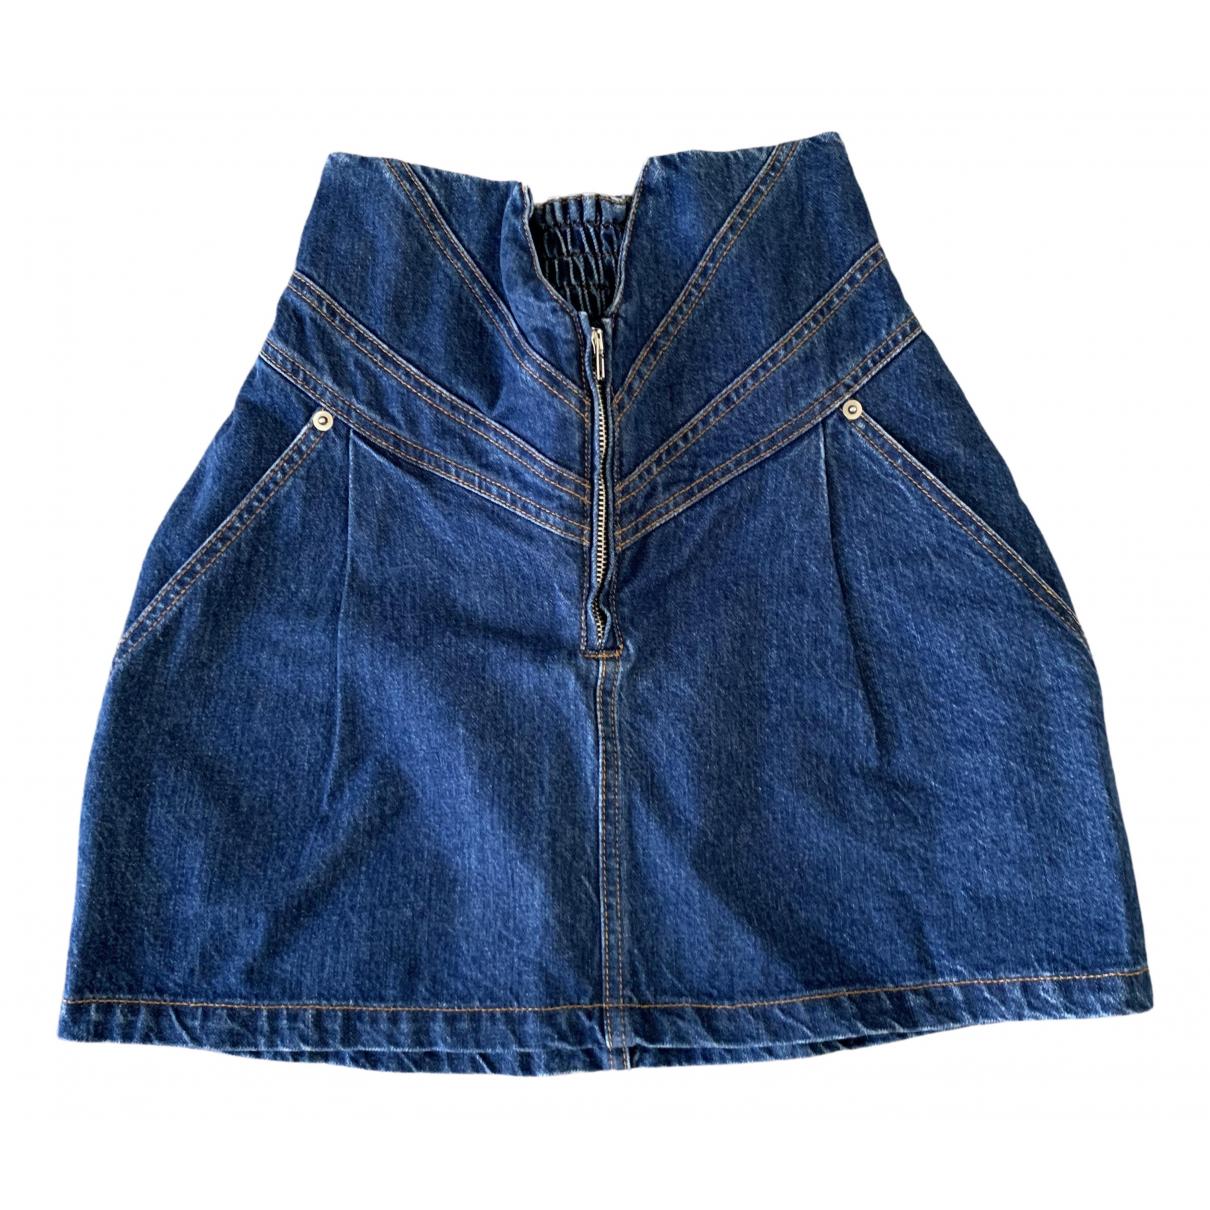 Attico \N Rocke in  Blau Denim - Jeans